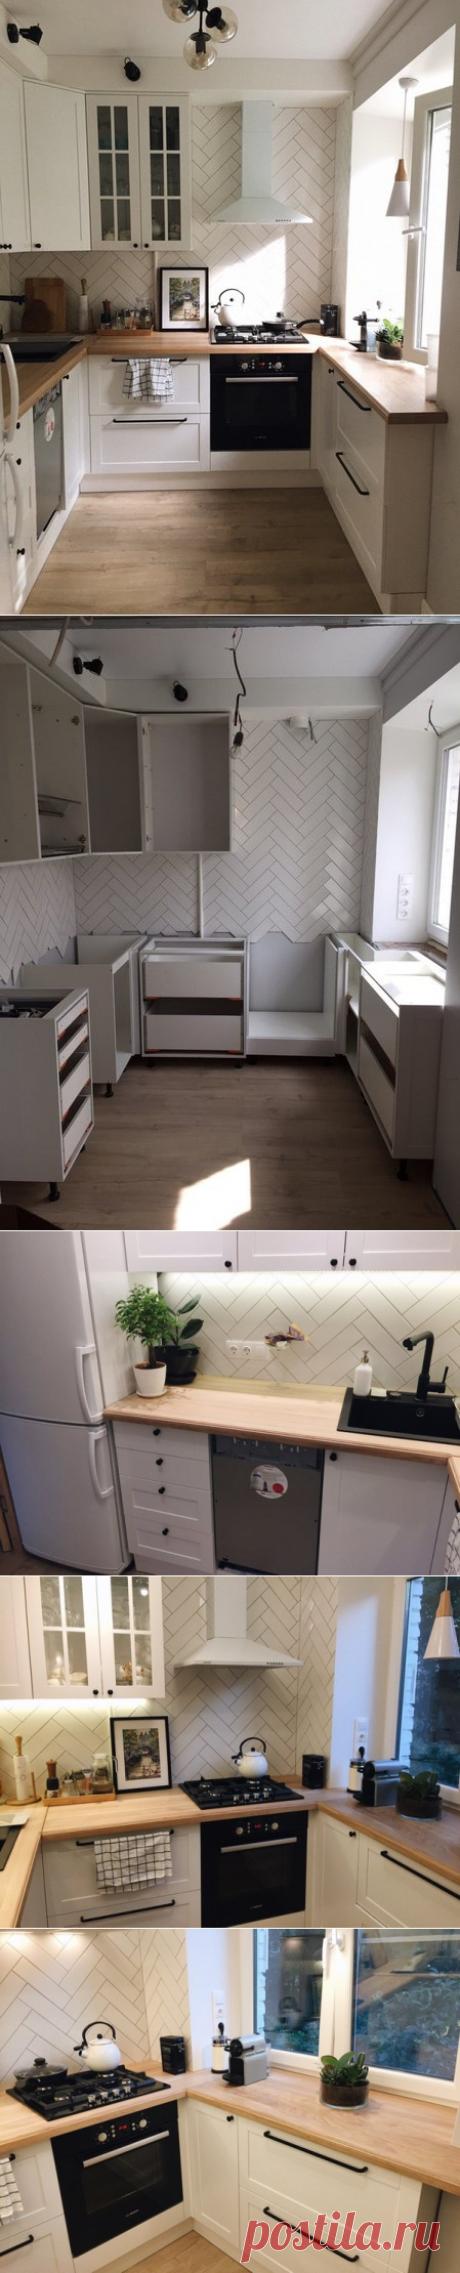 Супер стильная Кухня Икеа Сэведаль с необычной раскладкой фартука ёлочкой! С посудомойкой, холодильником и кучей мест хранения!